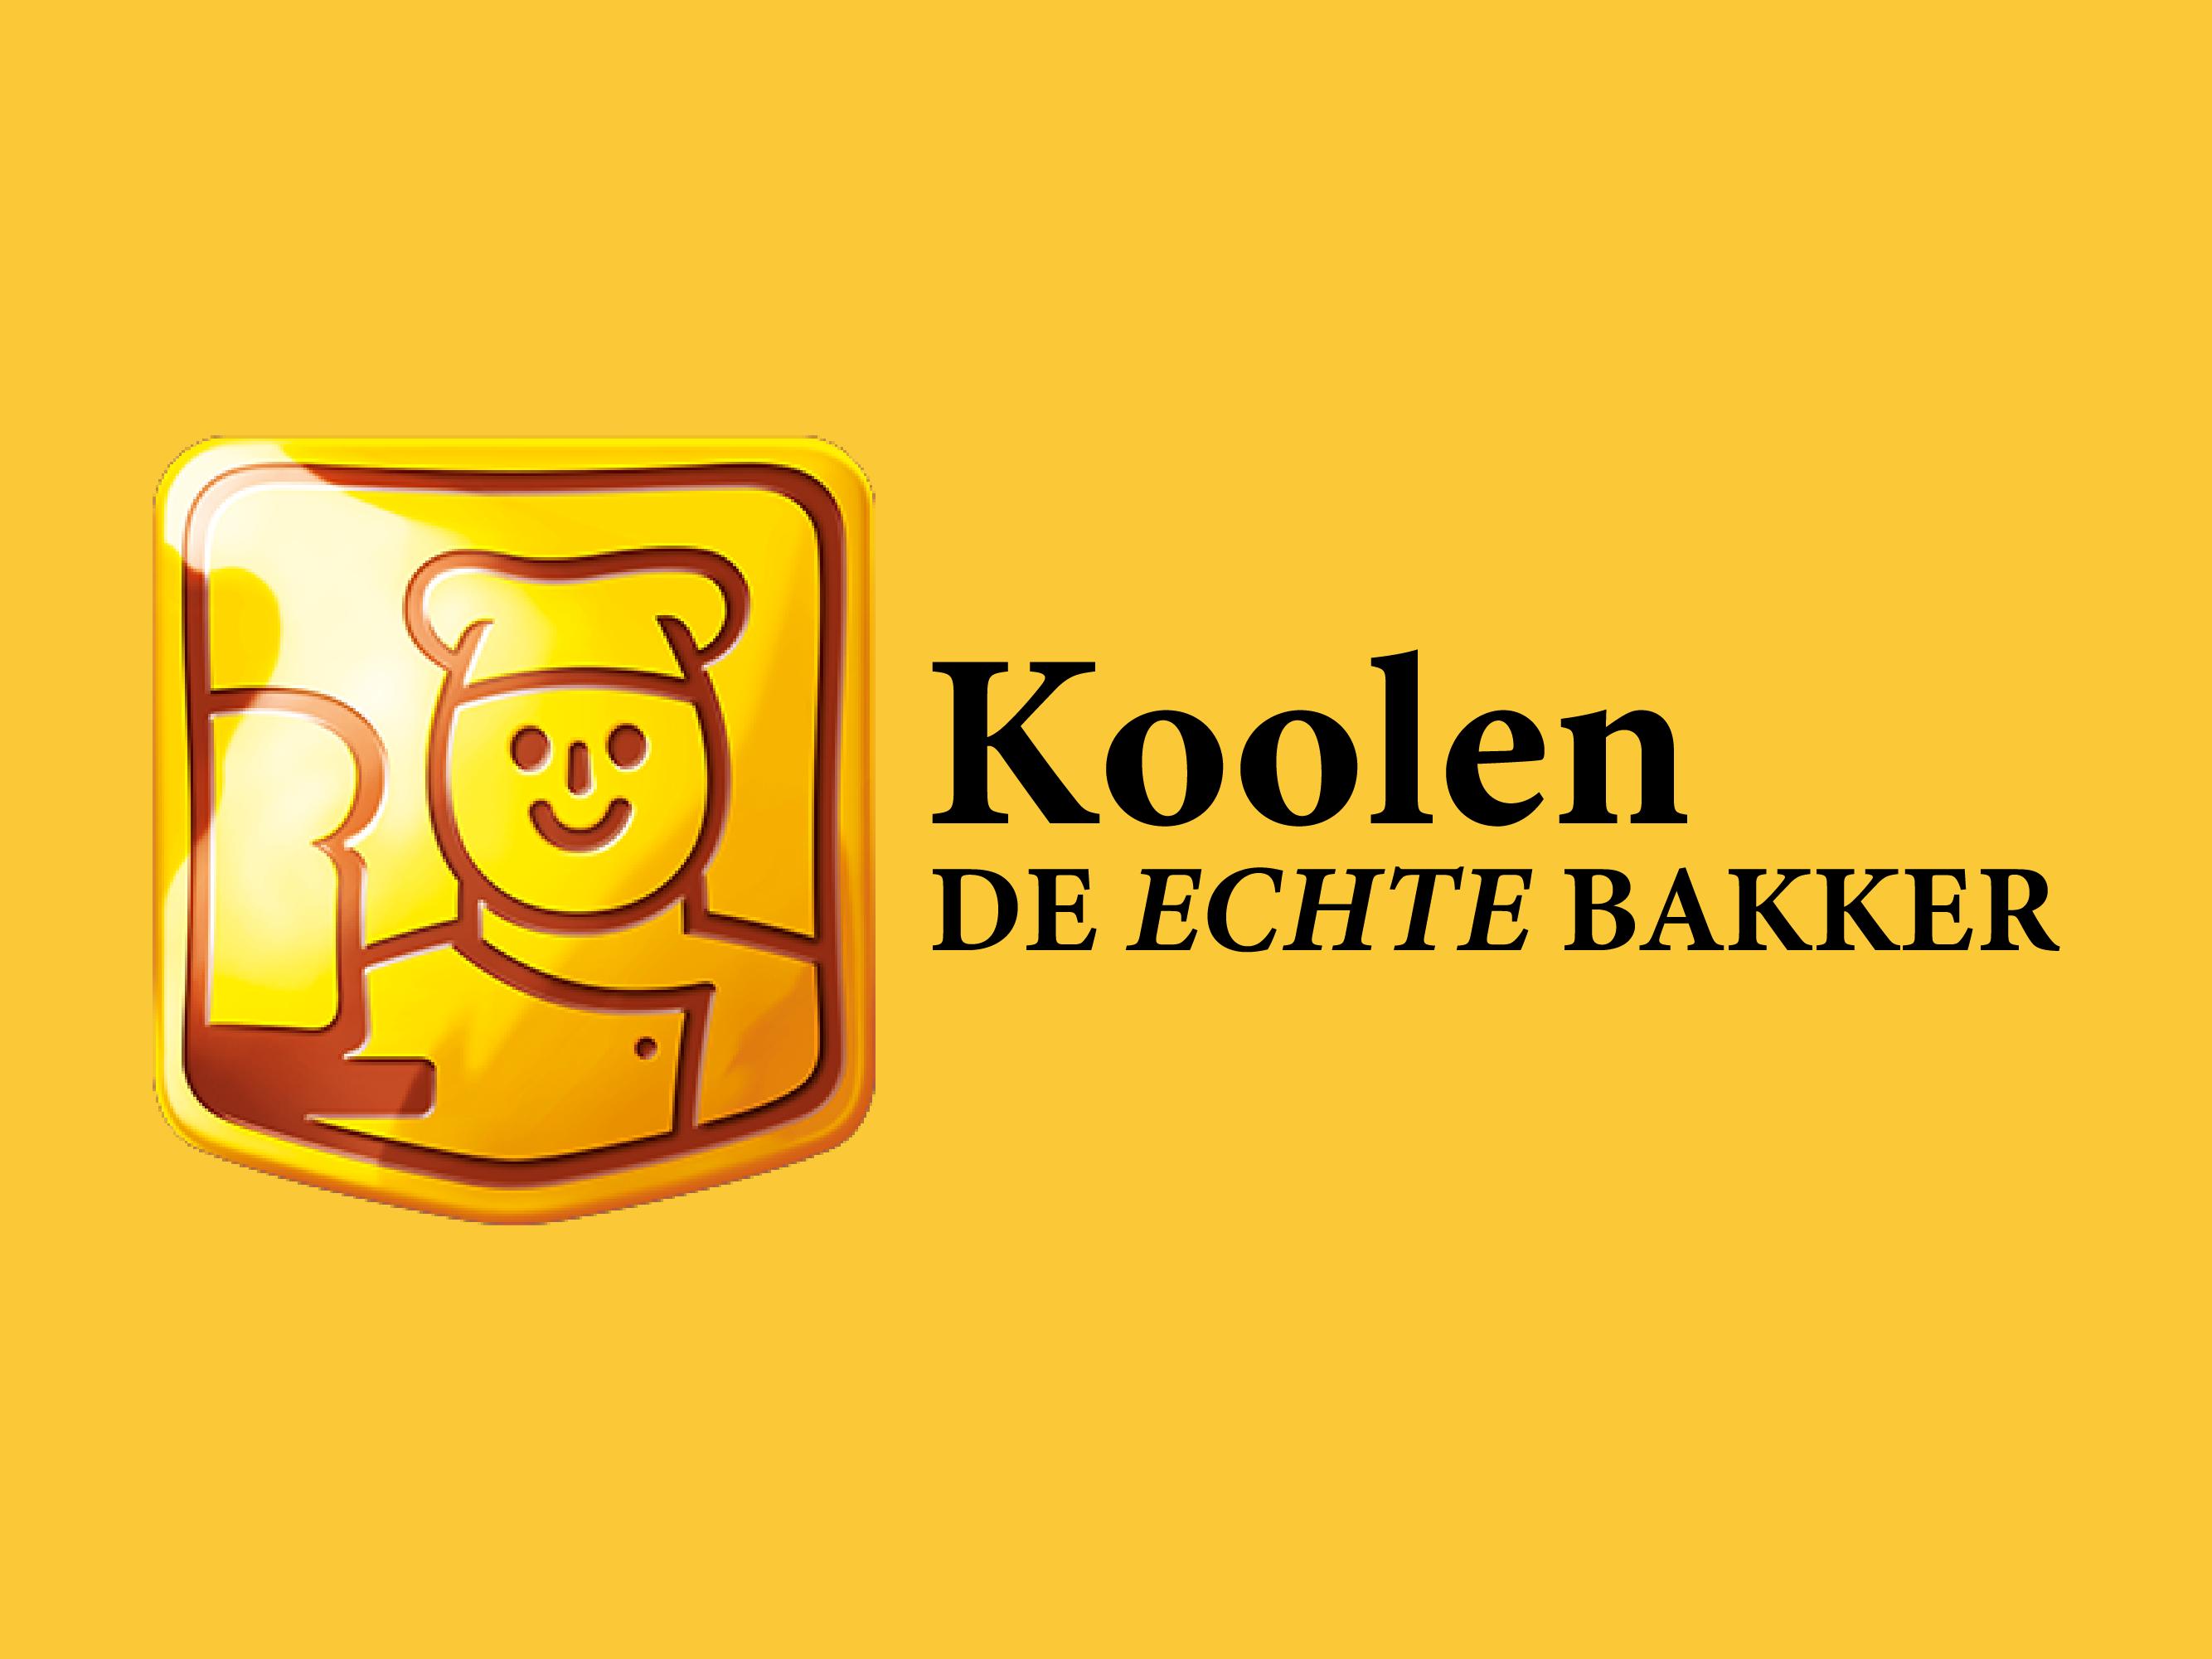 Bakkerij Koolen-1